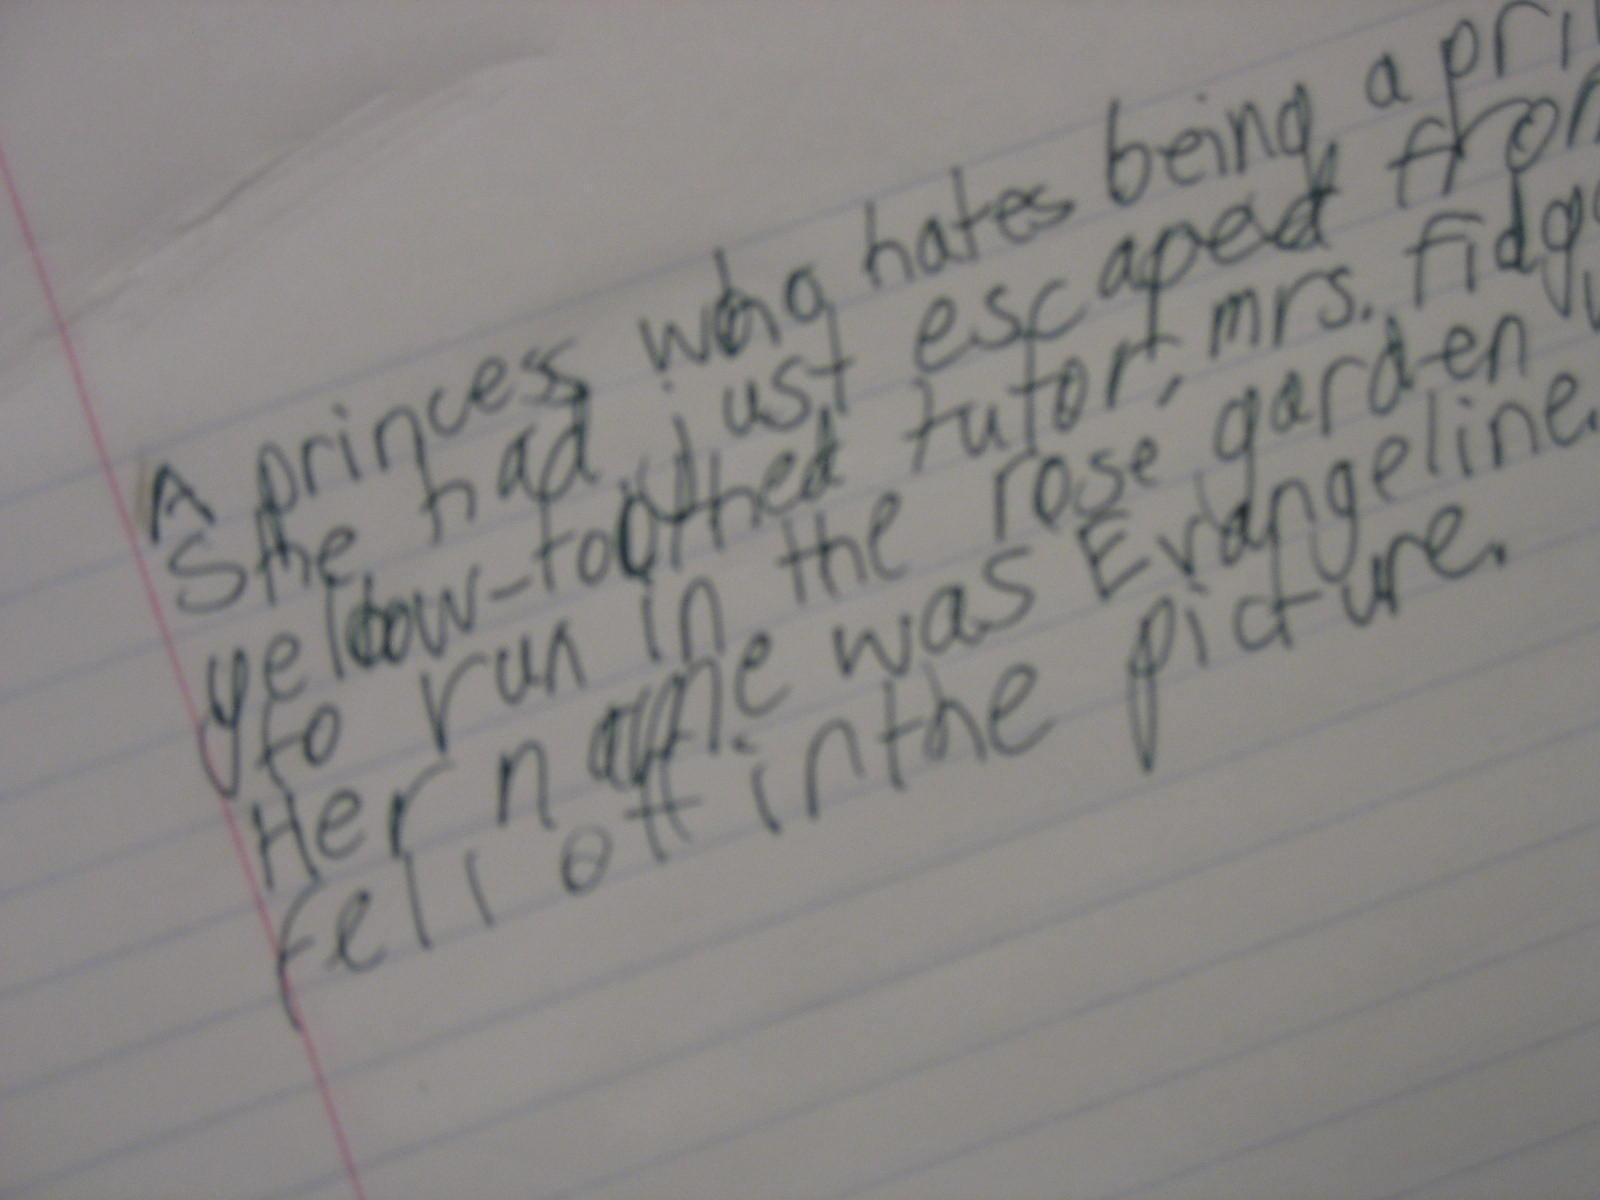 The budding young novelist's work.